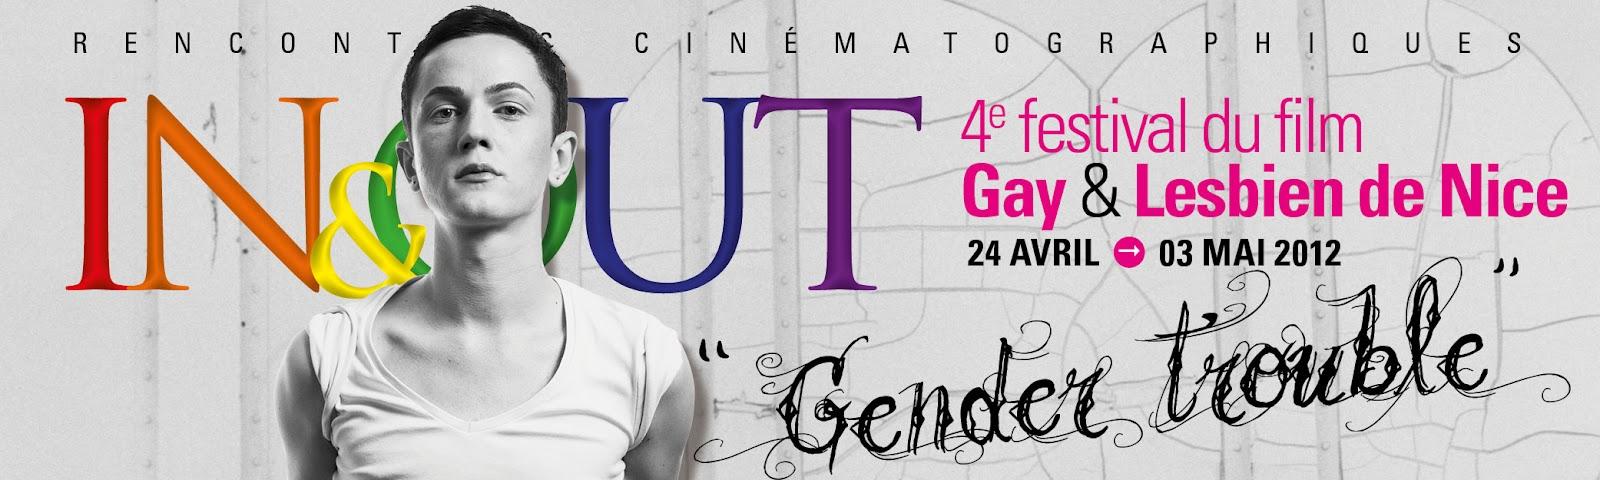 Rencontres Cinématographiques In& Out: Festival du film Gay et Lesbien